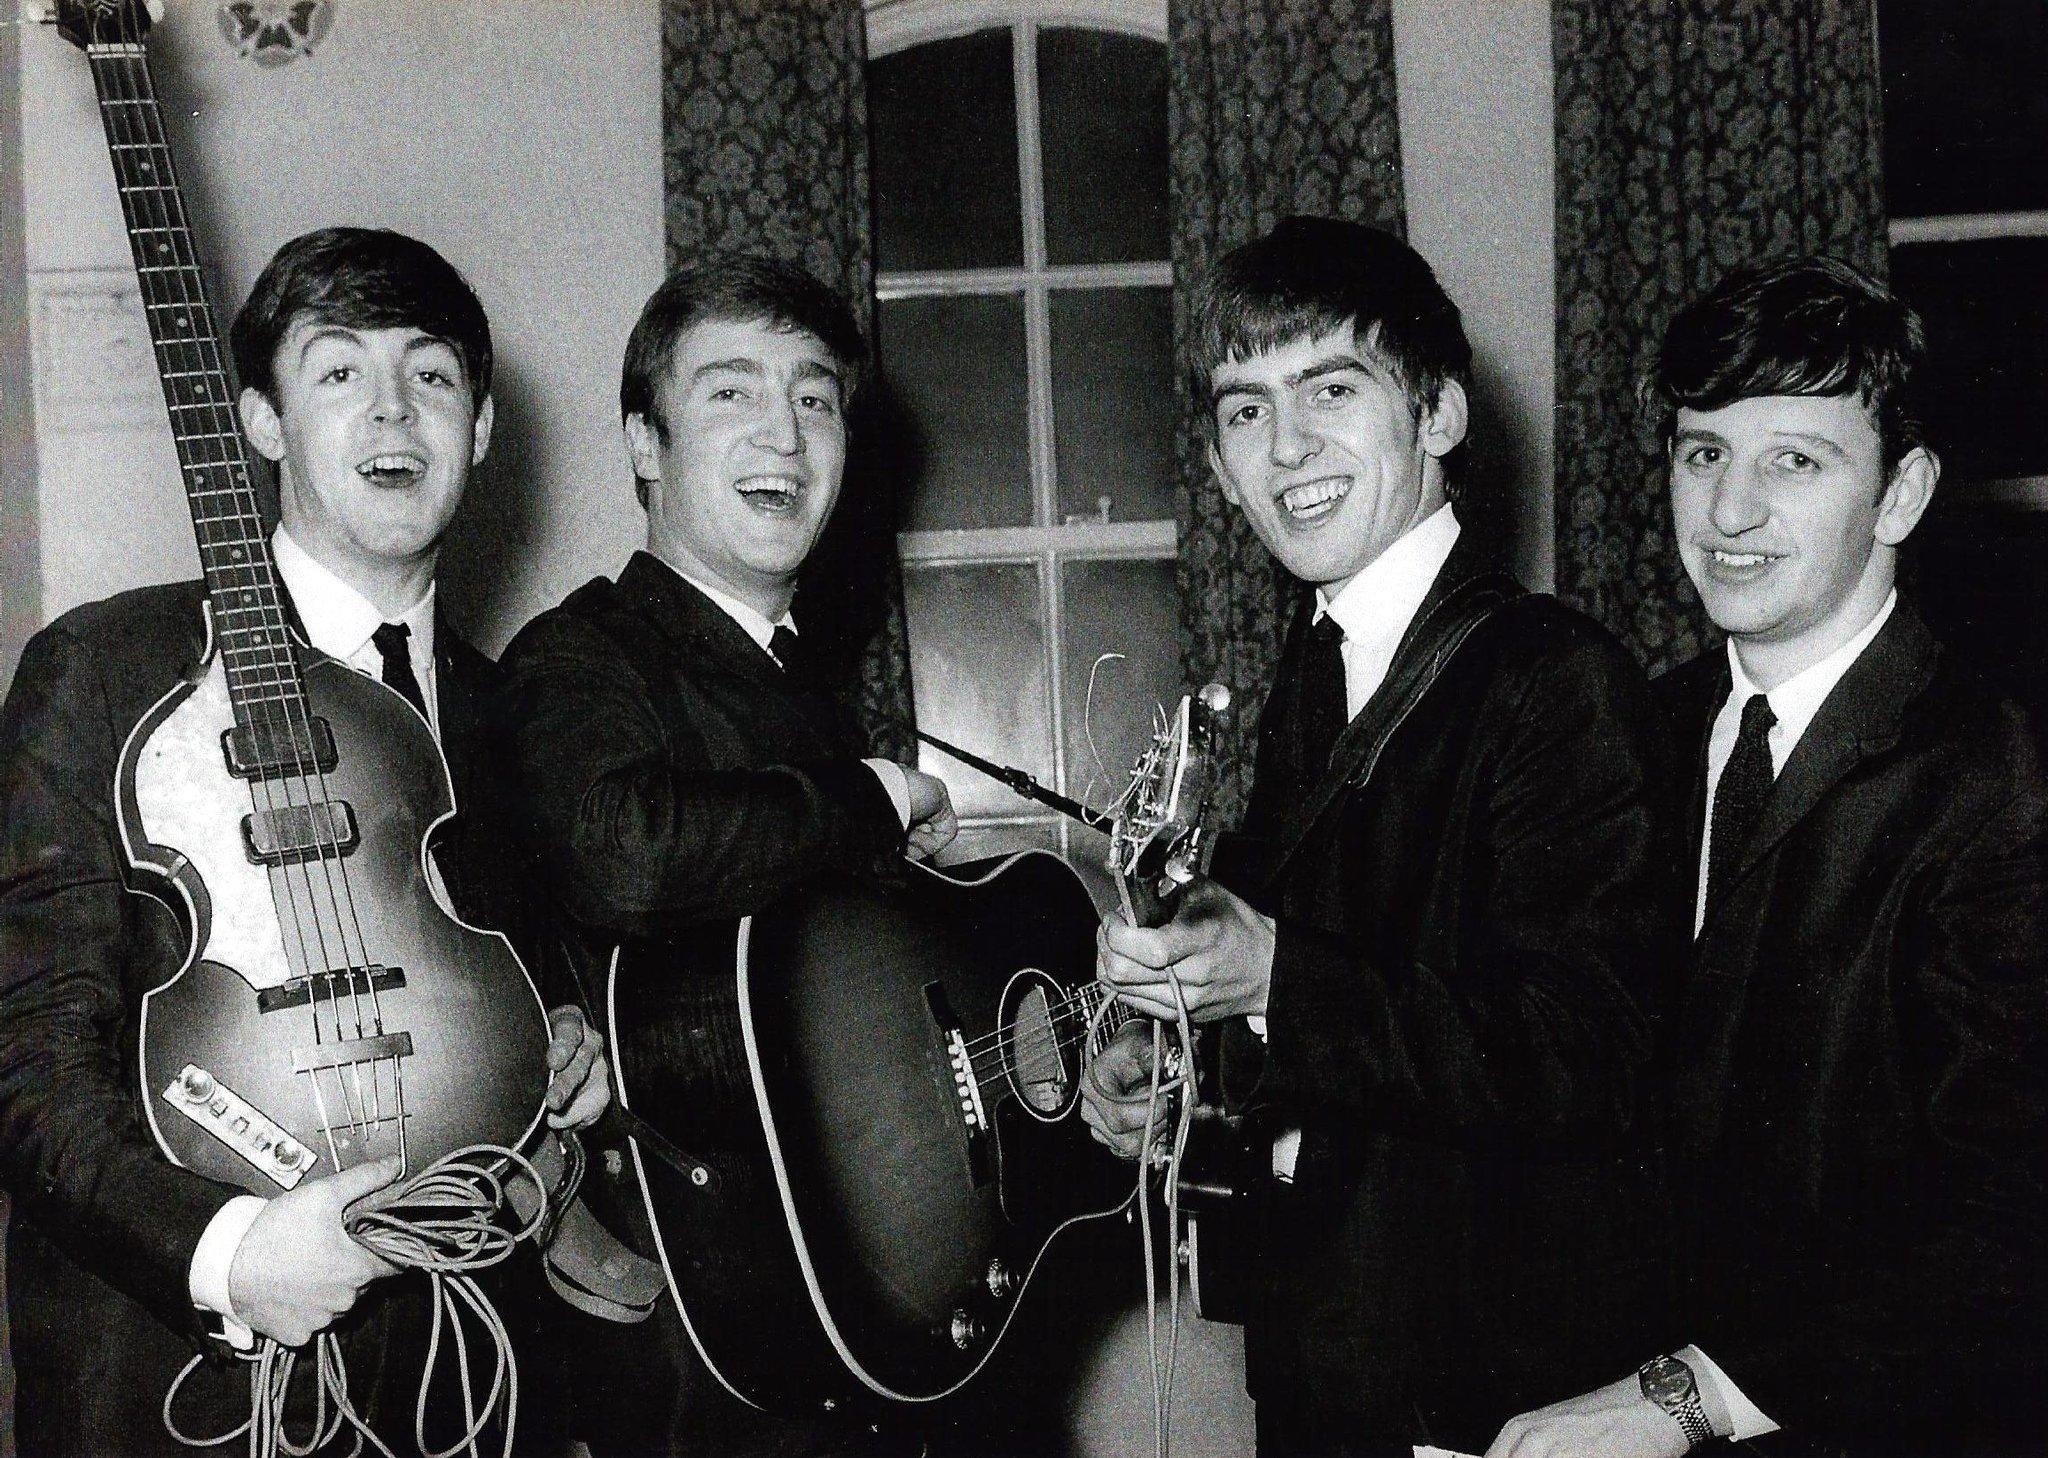 #TheBeatles #Beatles